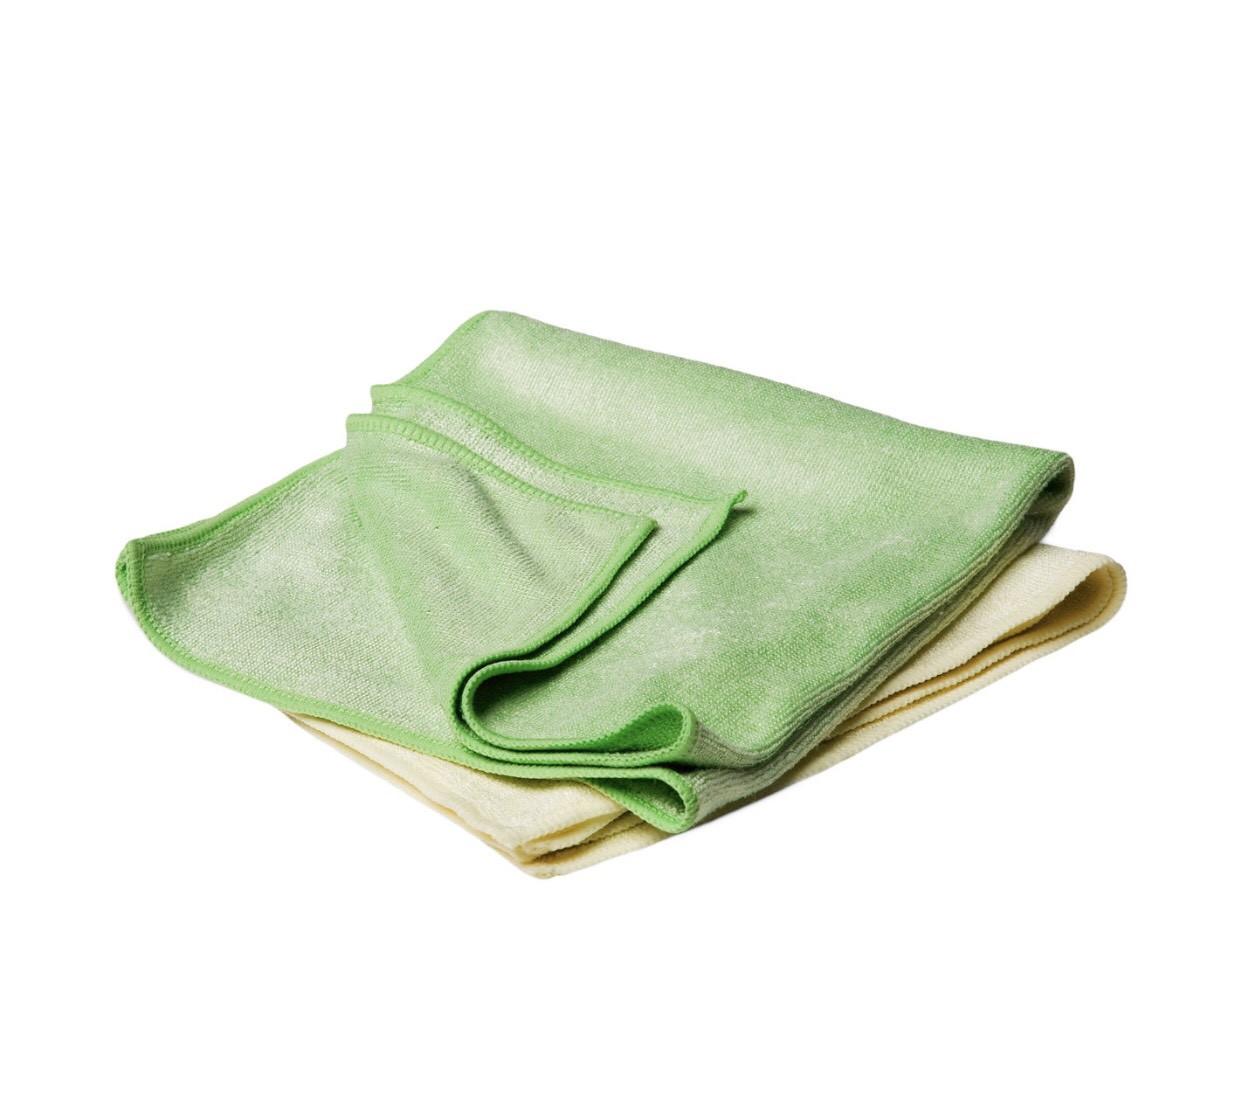 40531 Полотенце микрофибровое универсальное 40х40 см, зеленое и желтое - Flexipads BUFFING